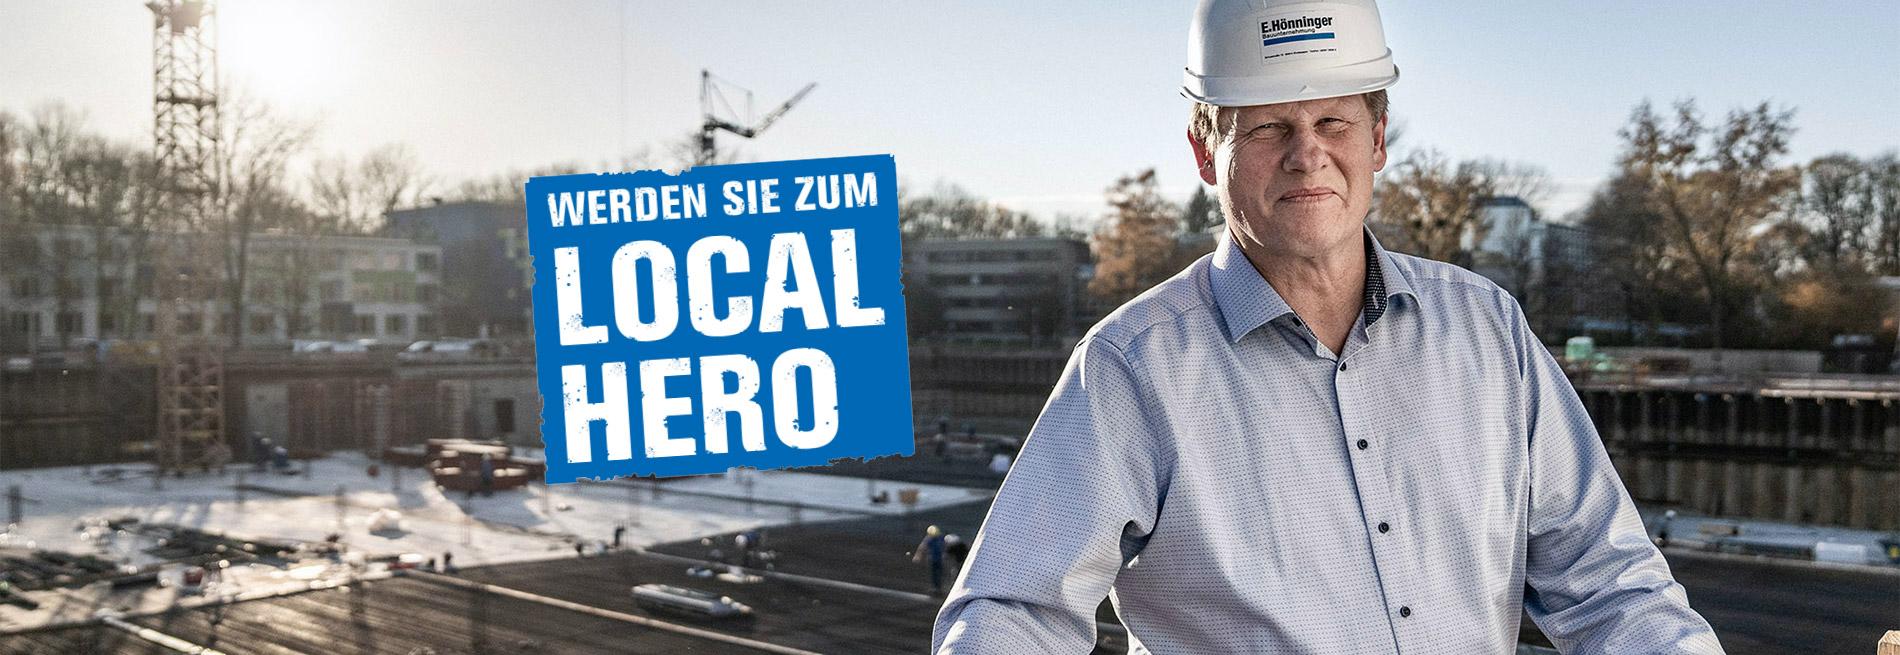 Als Bauleiter auf Jobsuche? Direkt bei E. Hönninger bewerben. Hier sieht man einen zufriedenen Mitarbeiter der Bauunternehmnung E. Hönninger.